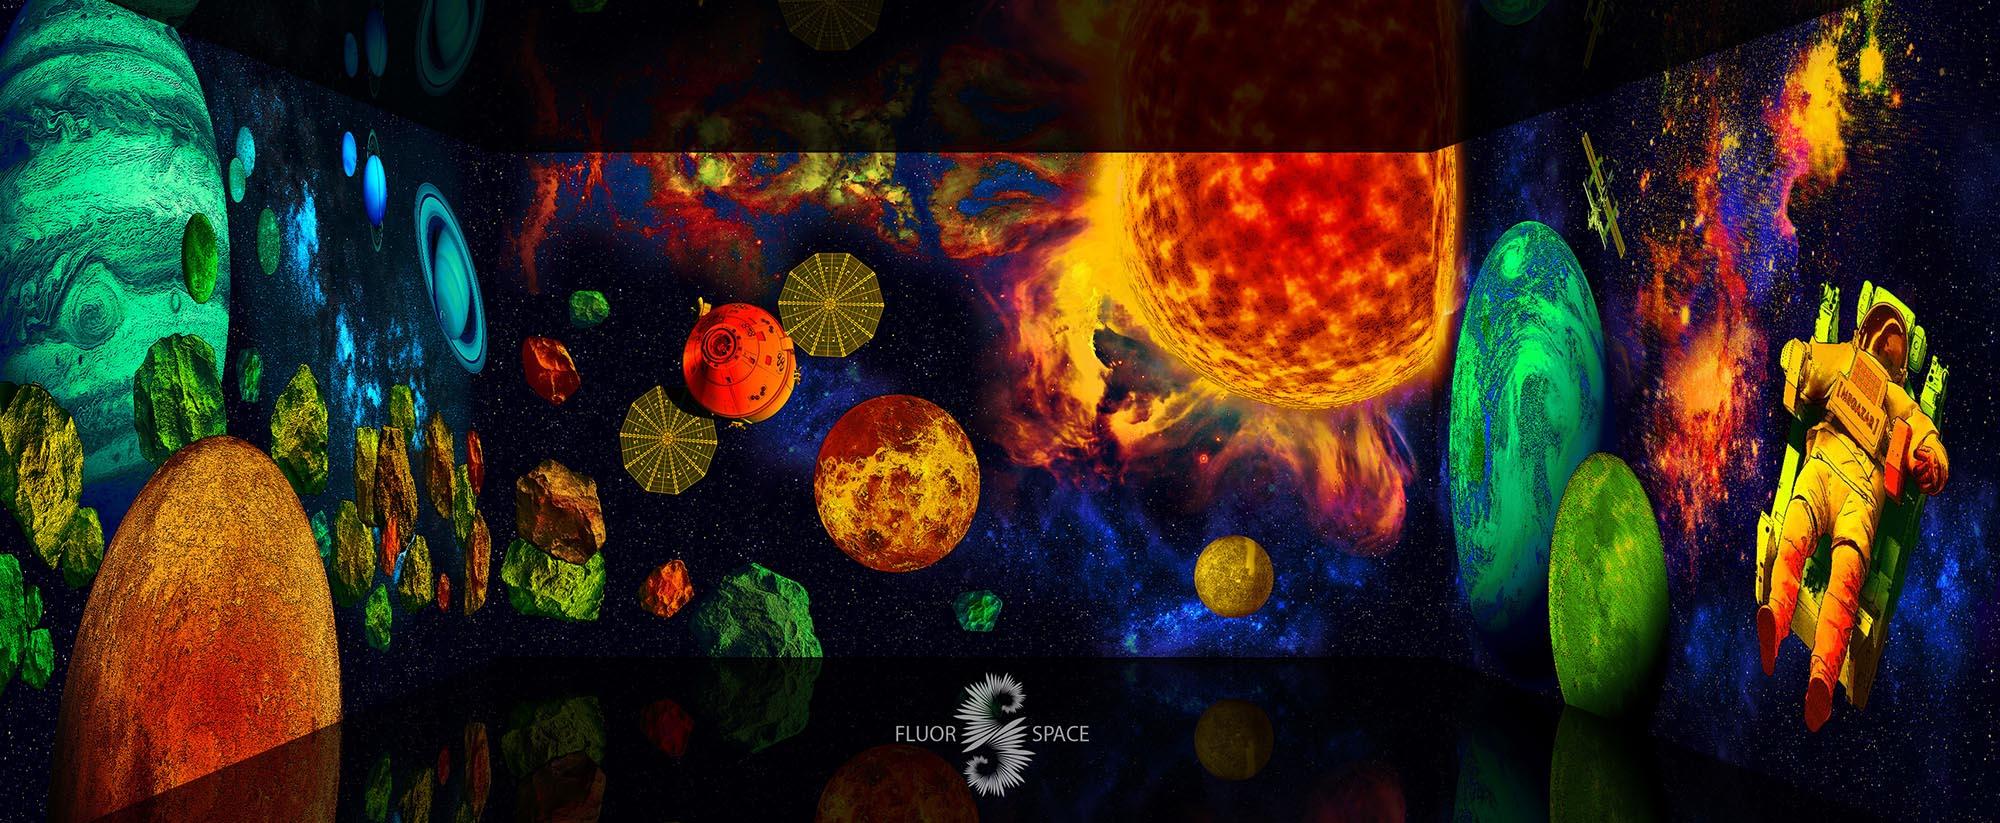 Солнечная система - флуоресцентные хроматические 3D декорации